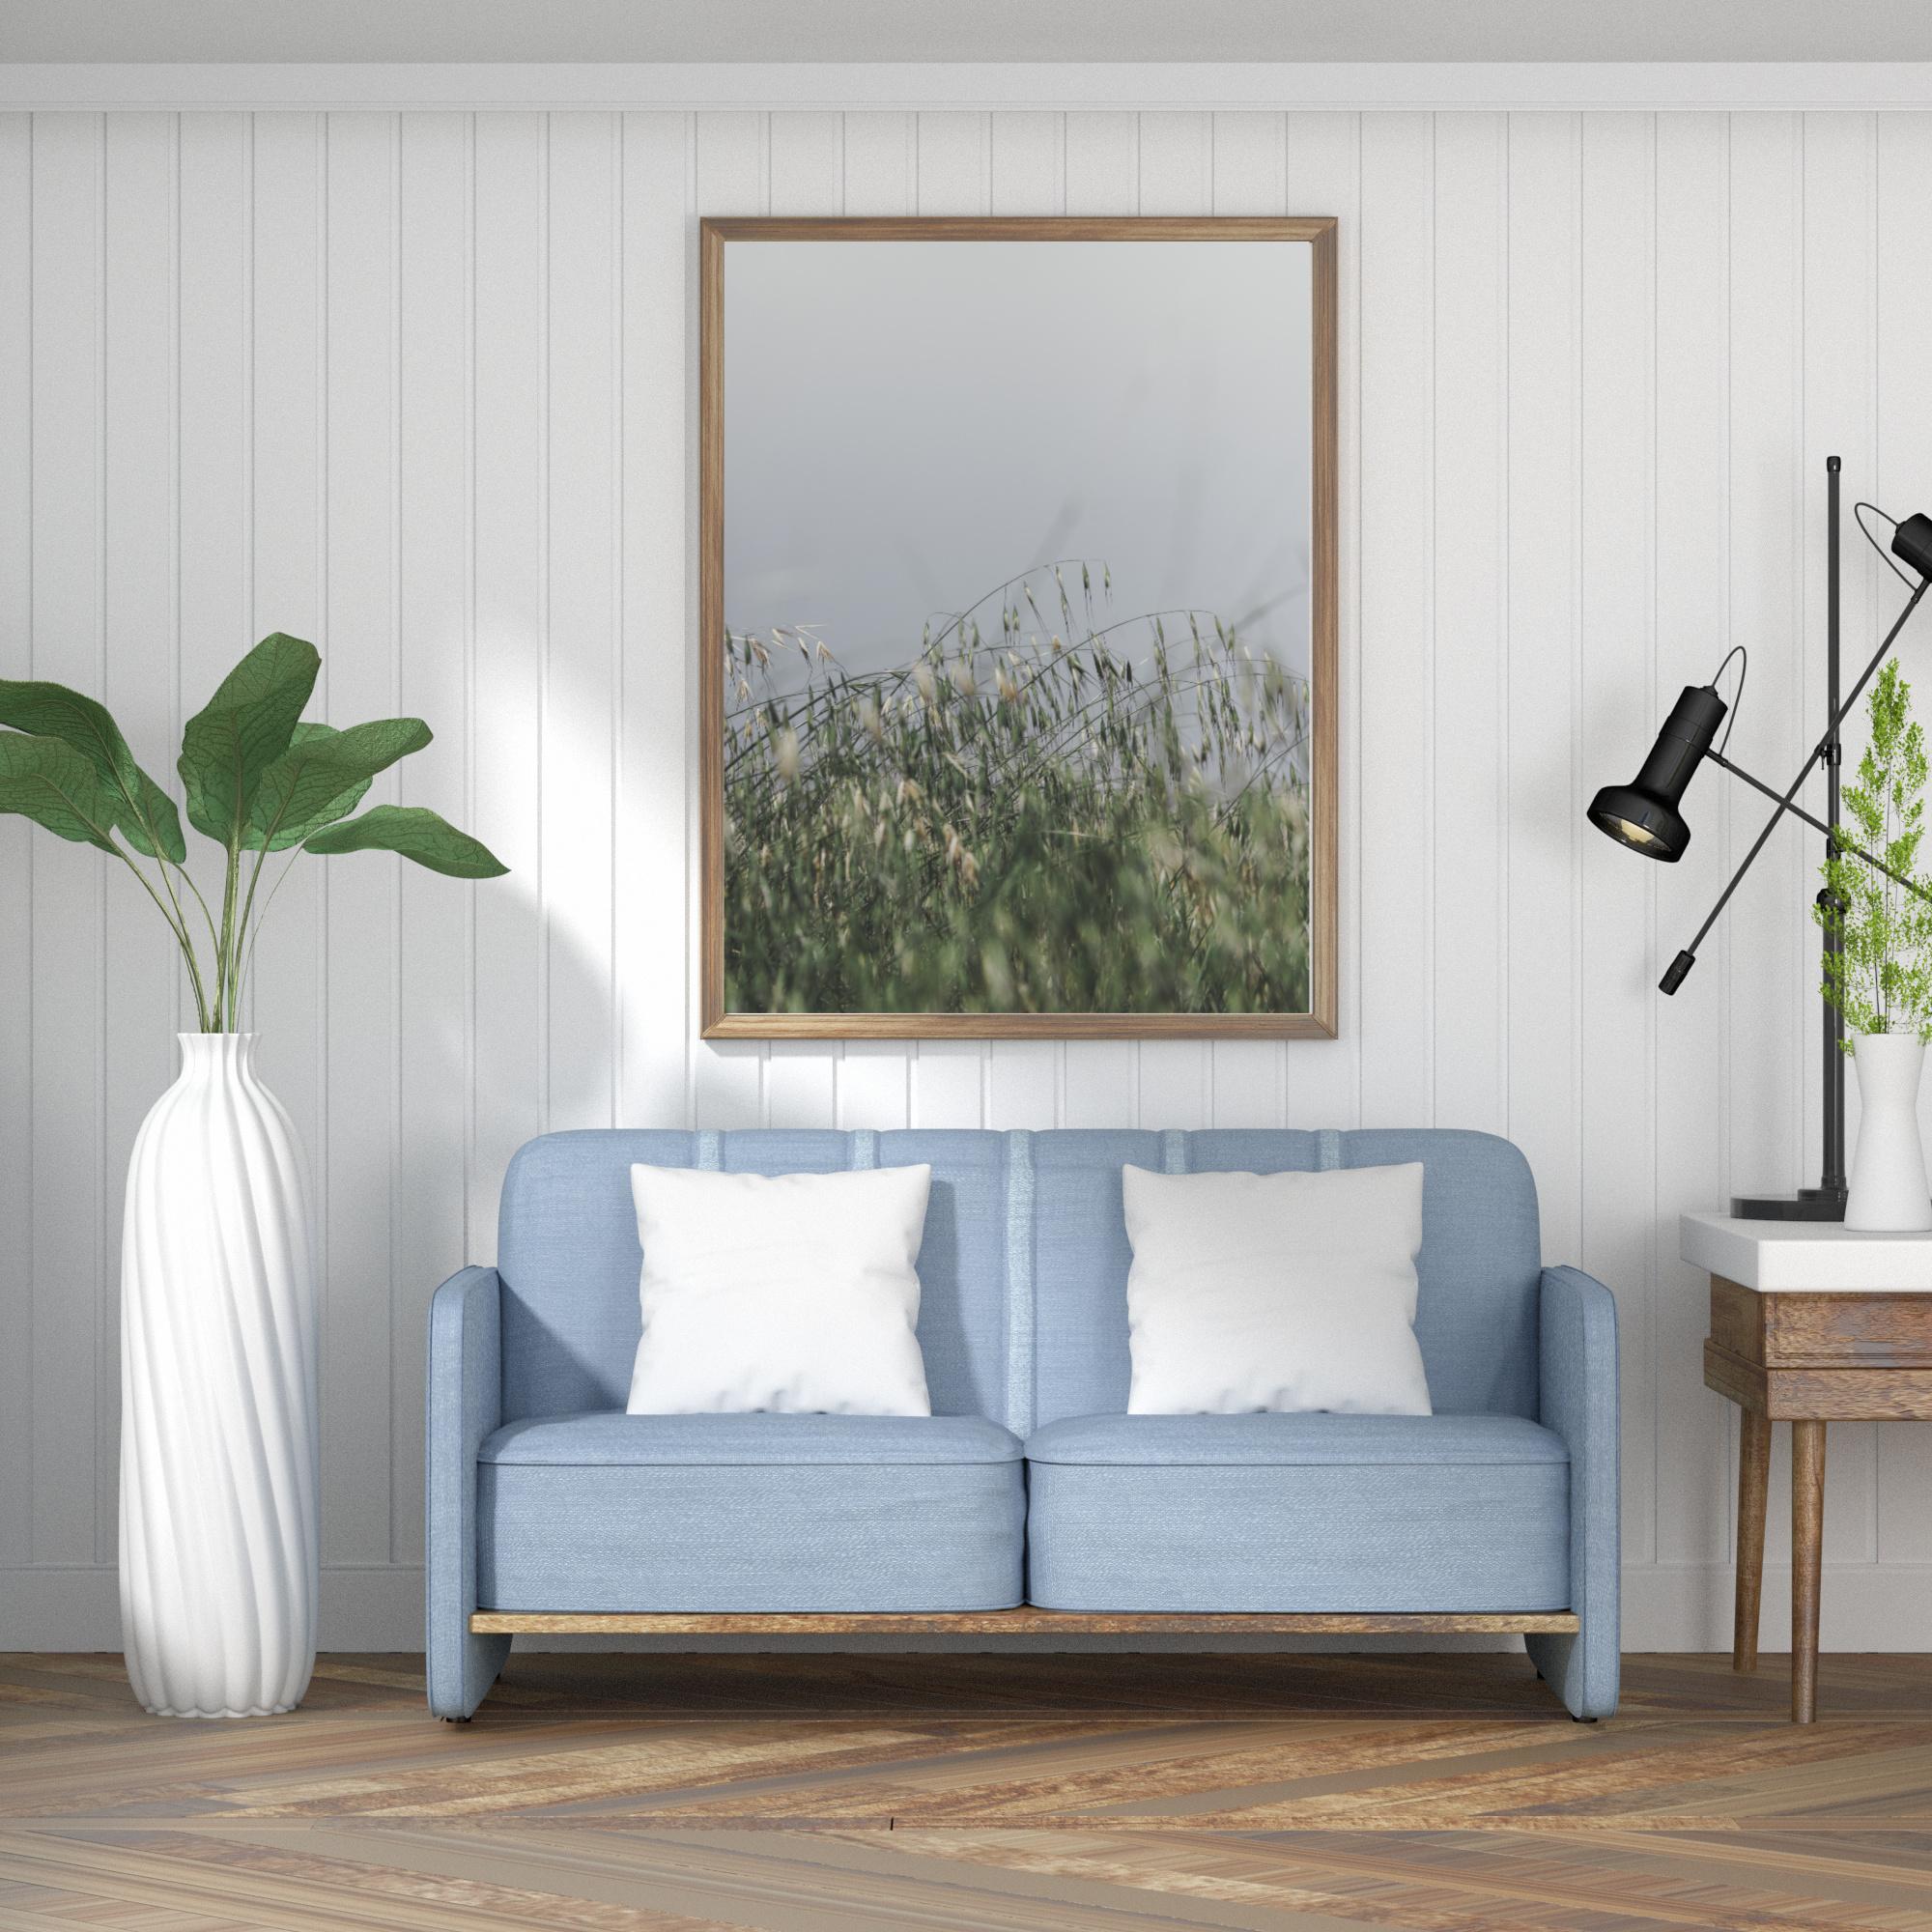 green nature wall print